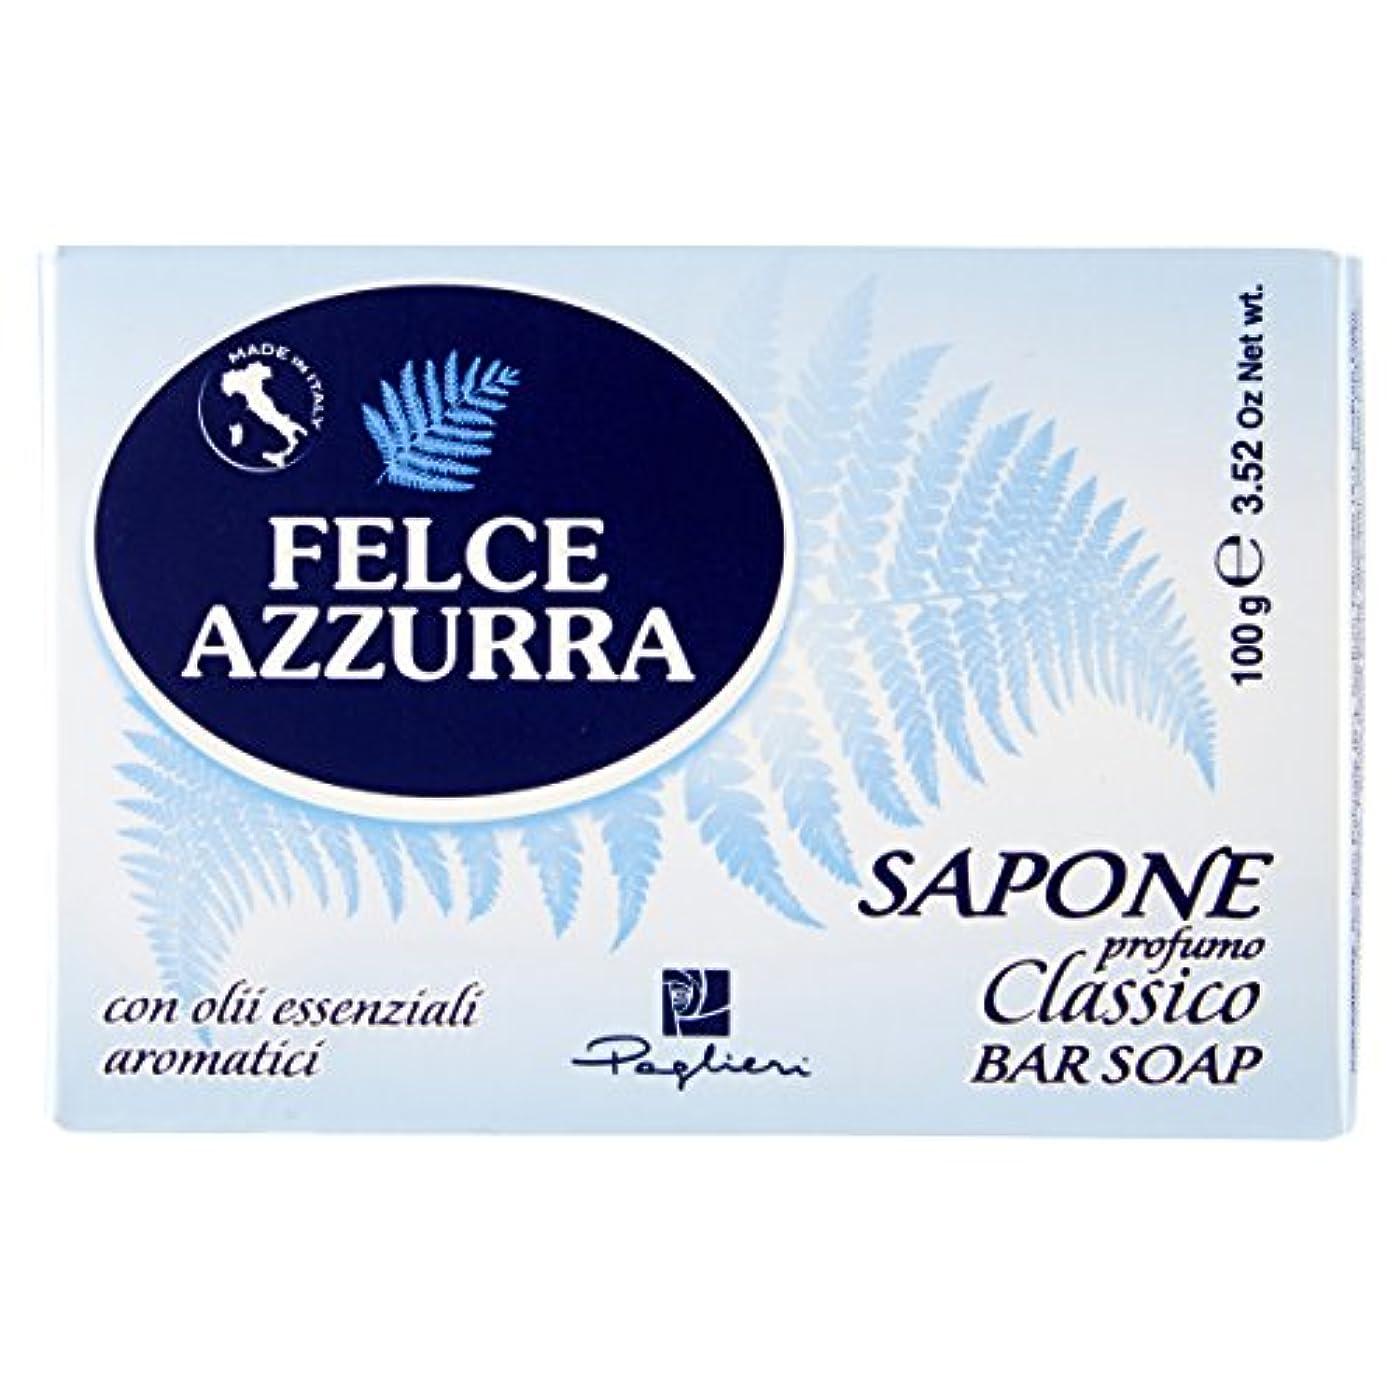 もの減衰タックFelce Azzurra Classico Bar Soap 100g soap by Felce Azzurra by Felce Azzurra